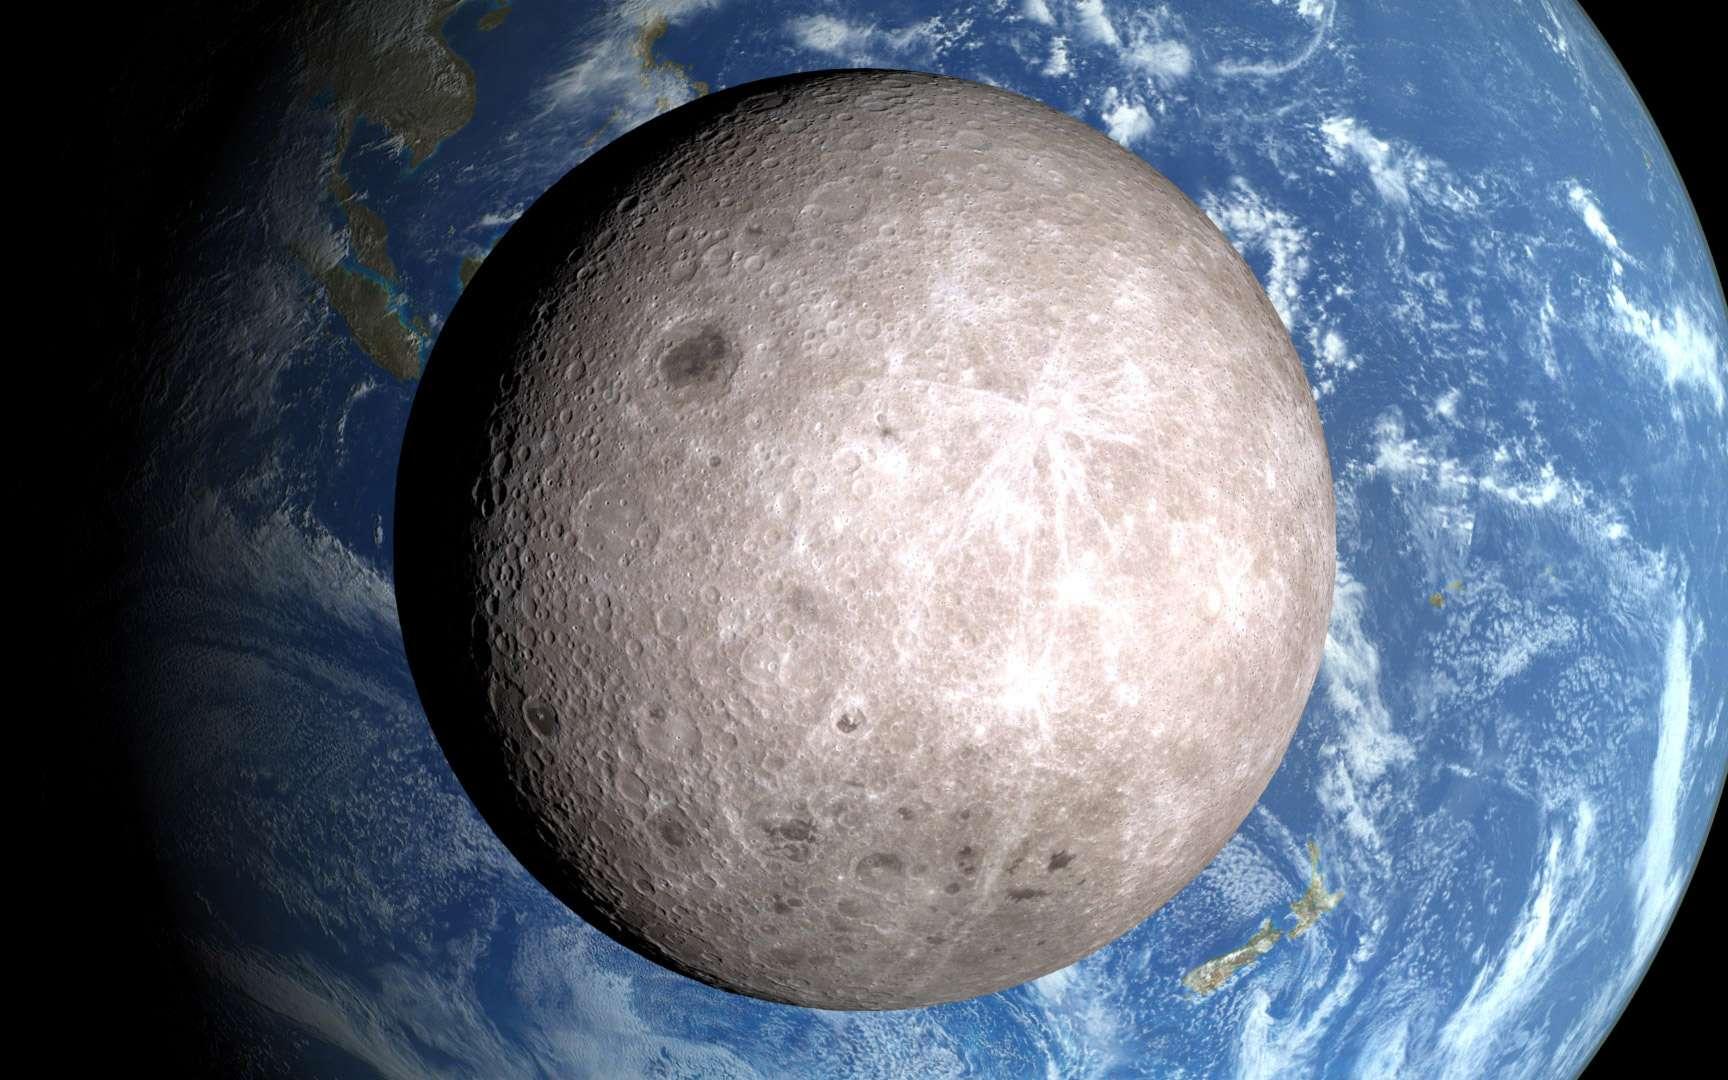 La face cachée de la Lune vue depuis la sonde LRO de la Nasa. © Nasa / LRO science team